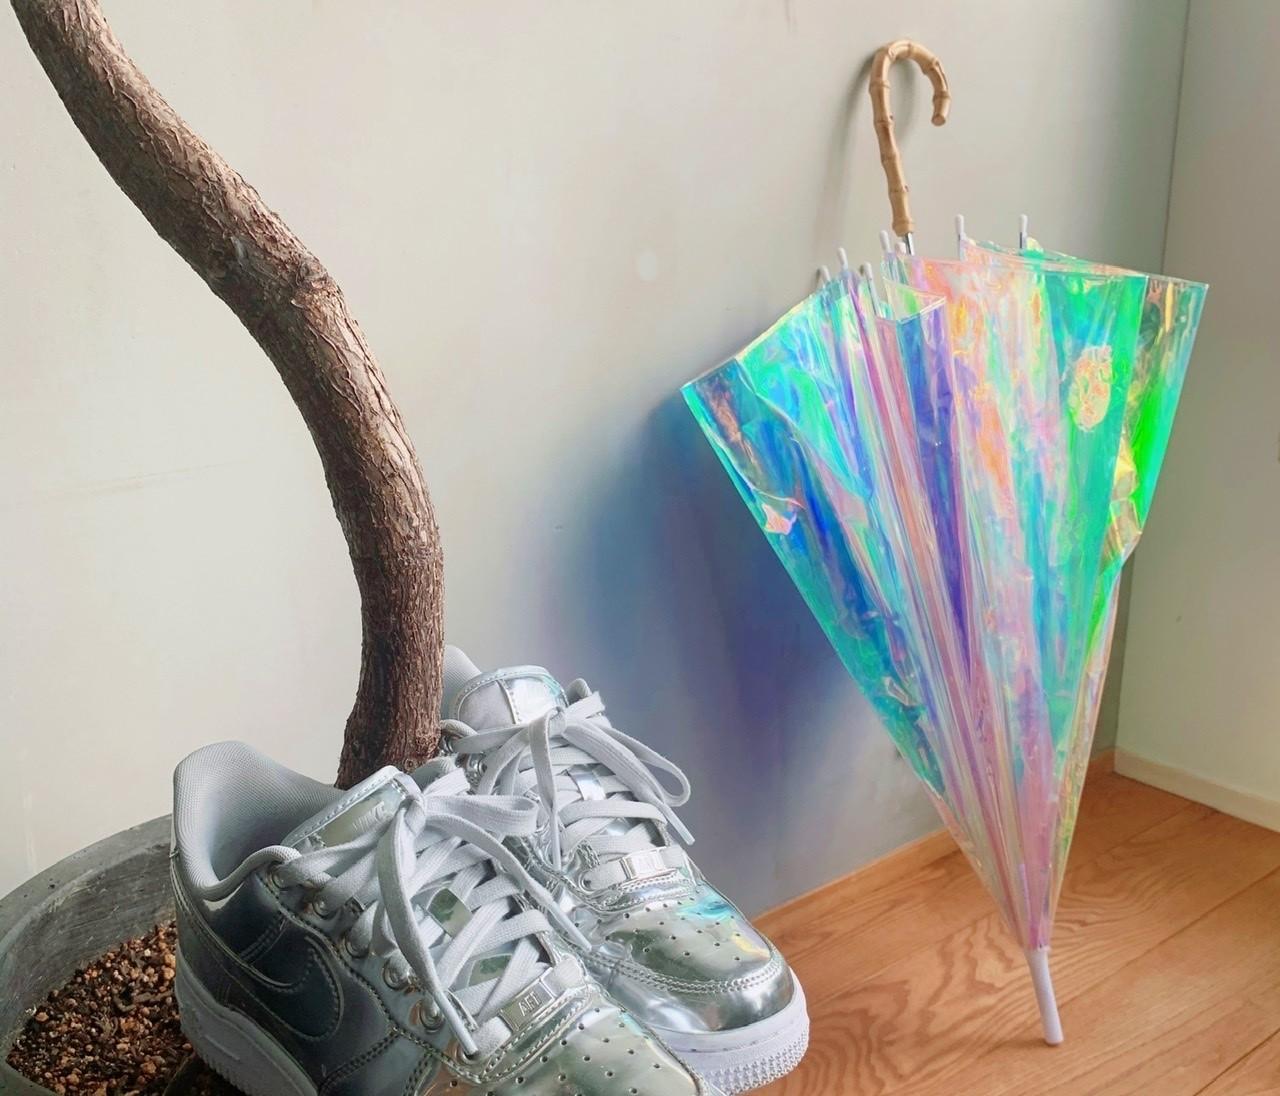 【エディターのおうち私物#56】一目惚れしたおしゃれビニ傘と2足目エアフォース1で、雨でもごきげん♪